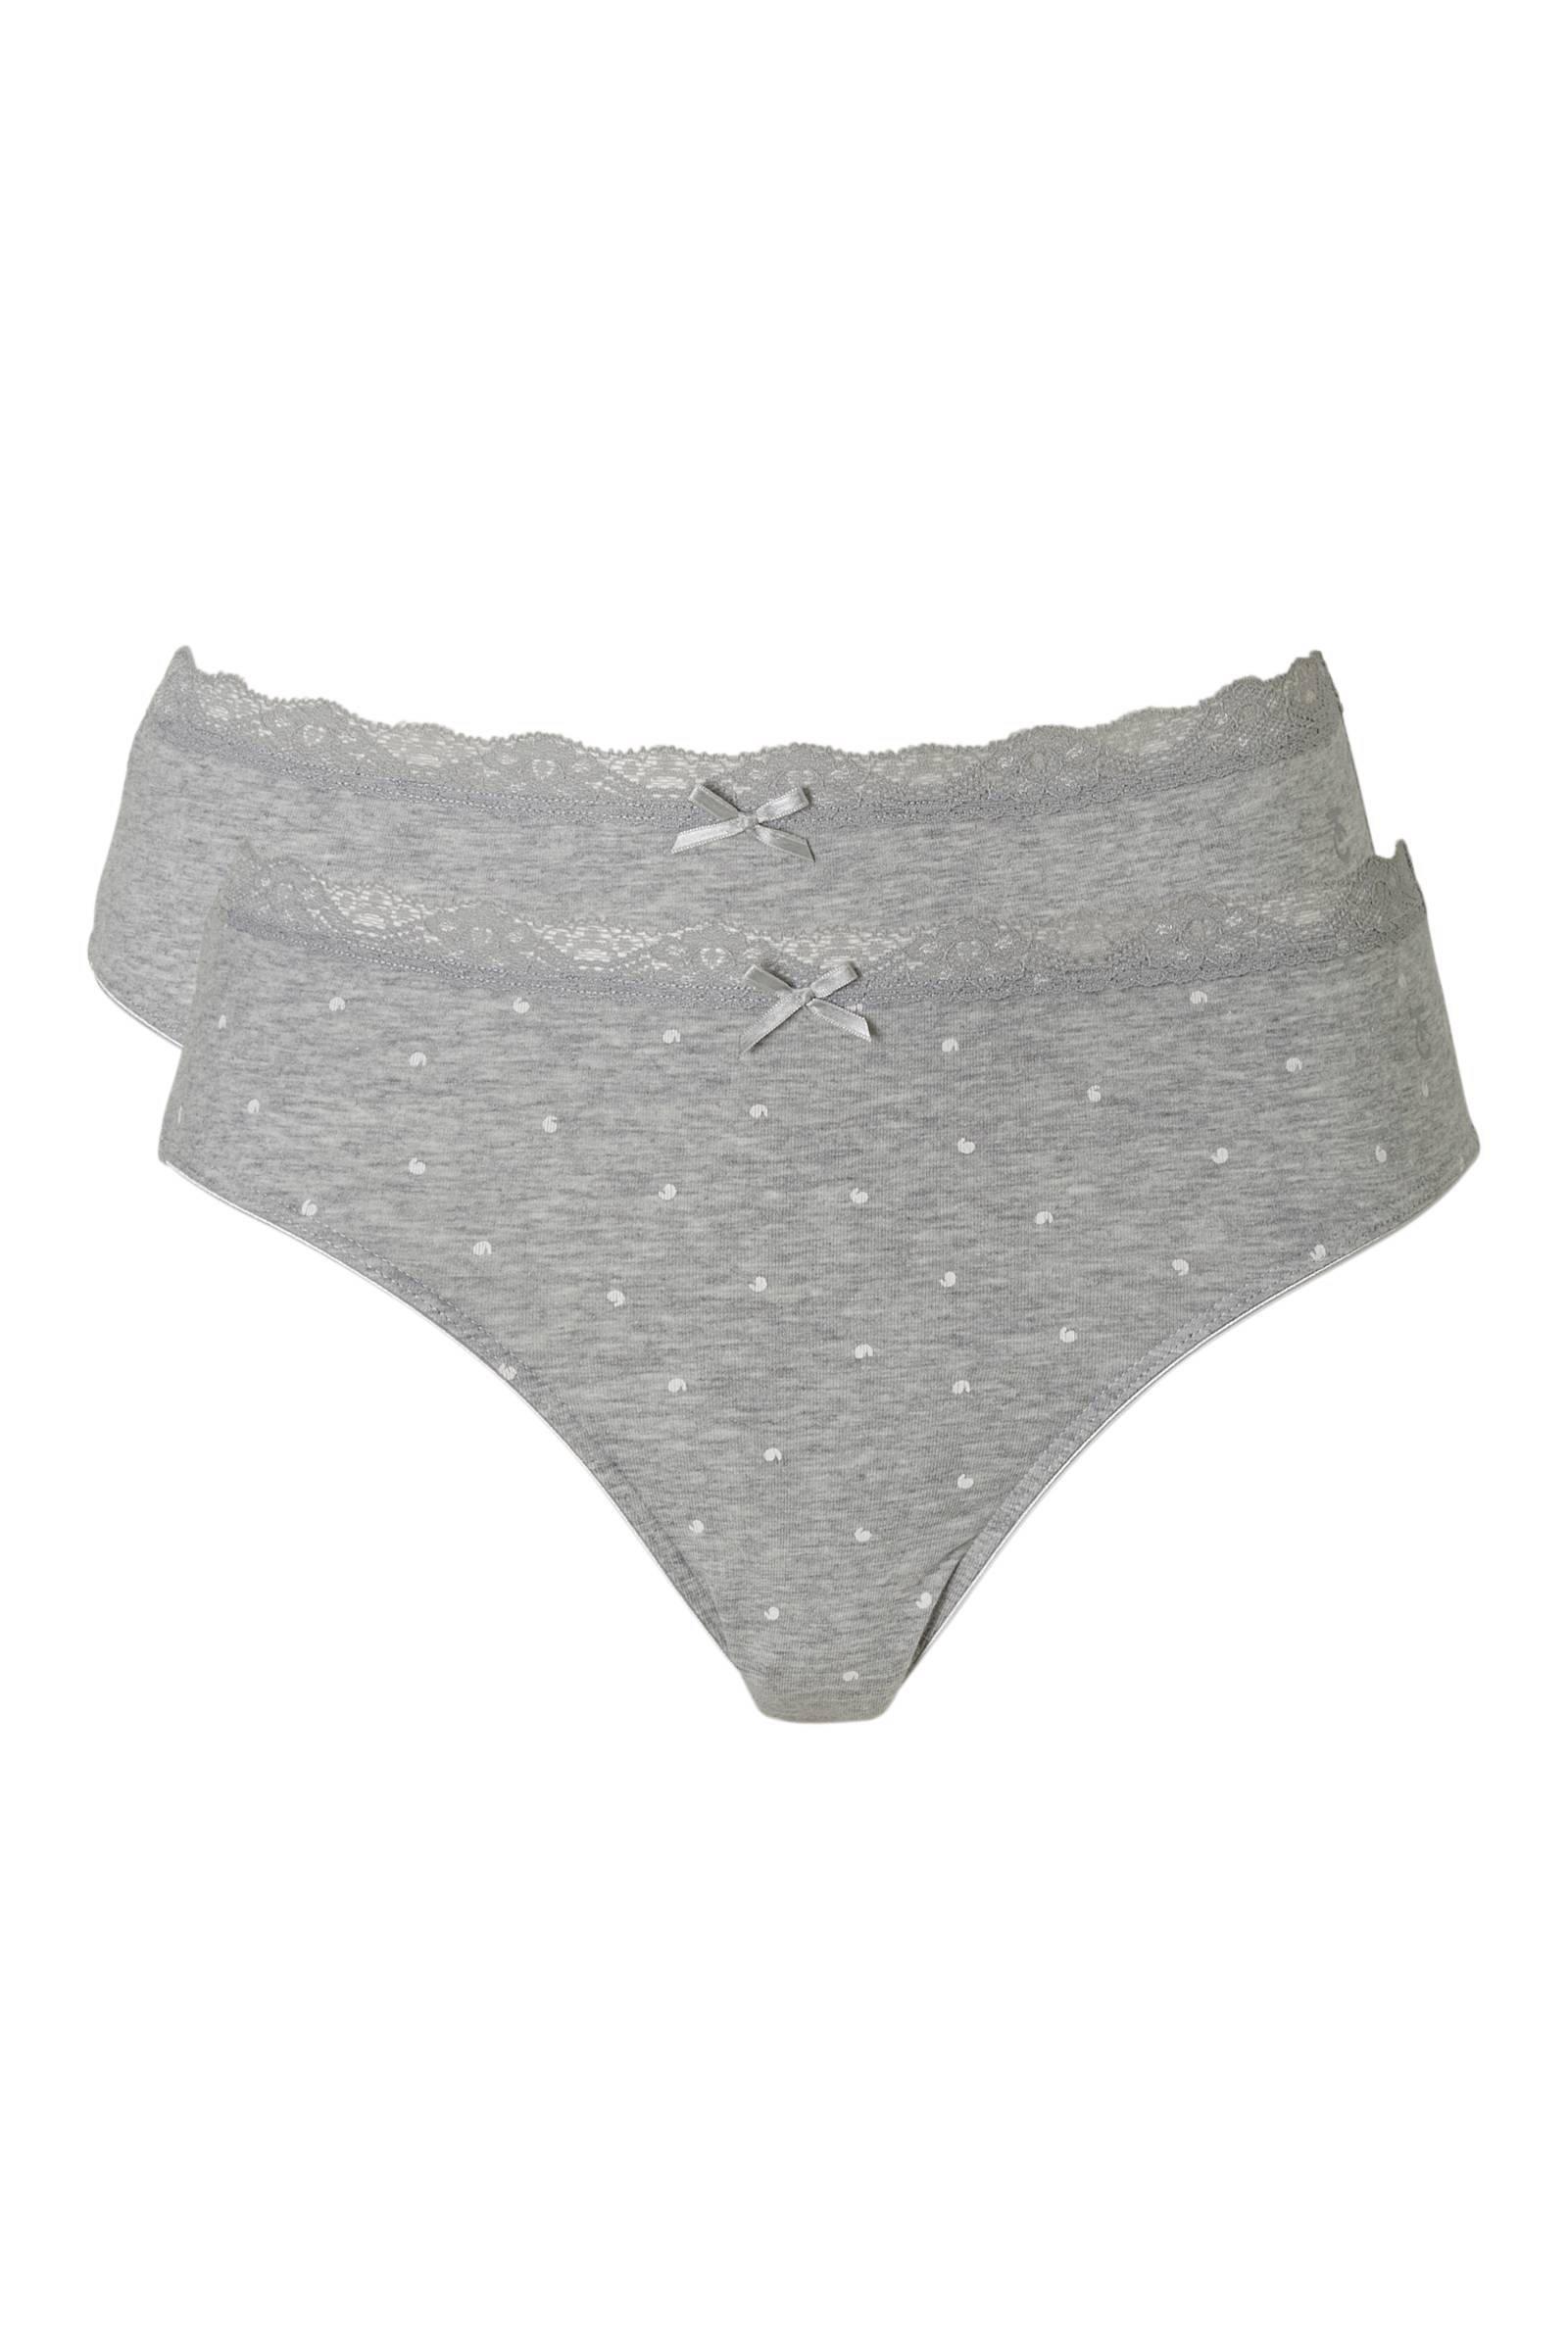 Ten Cate Happy Summer Slip 2-pack Grey